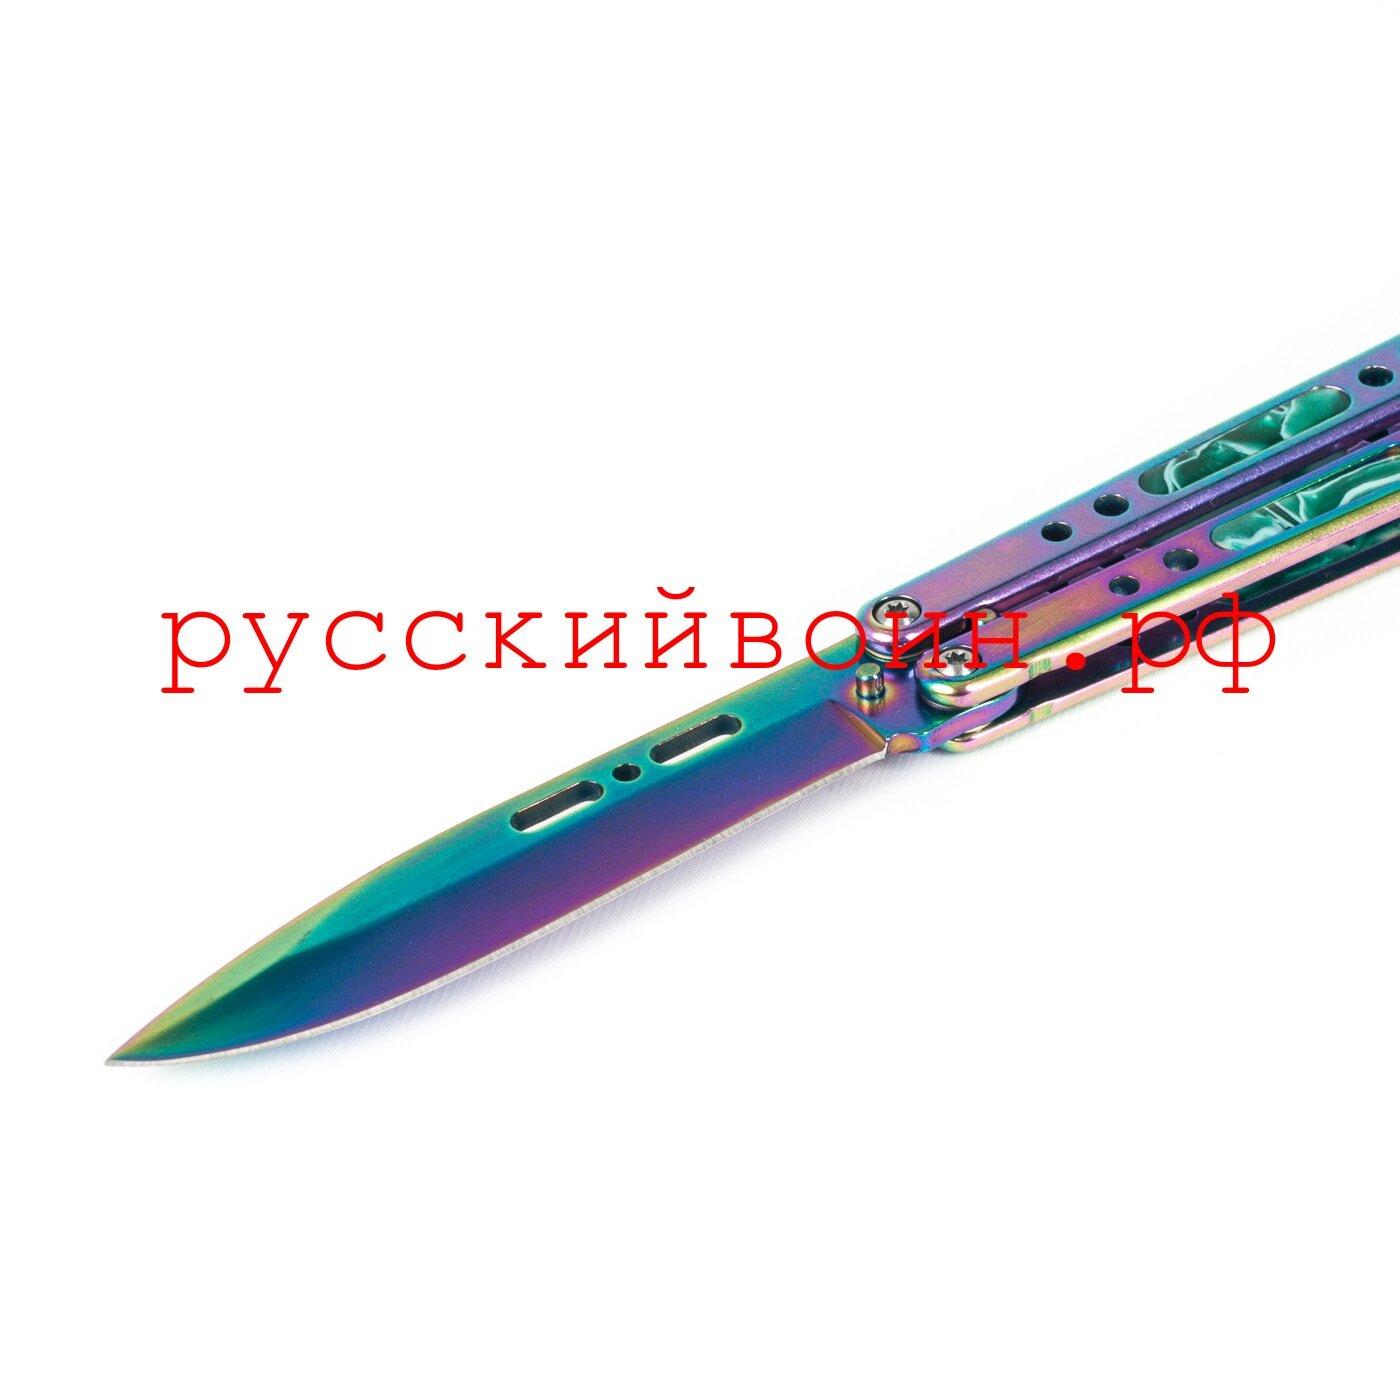 Нож-бабочка Изумруд Градиент